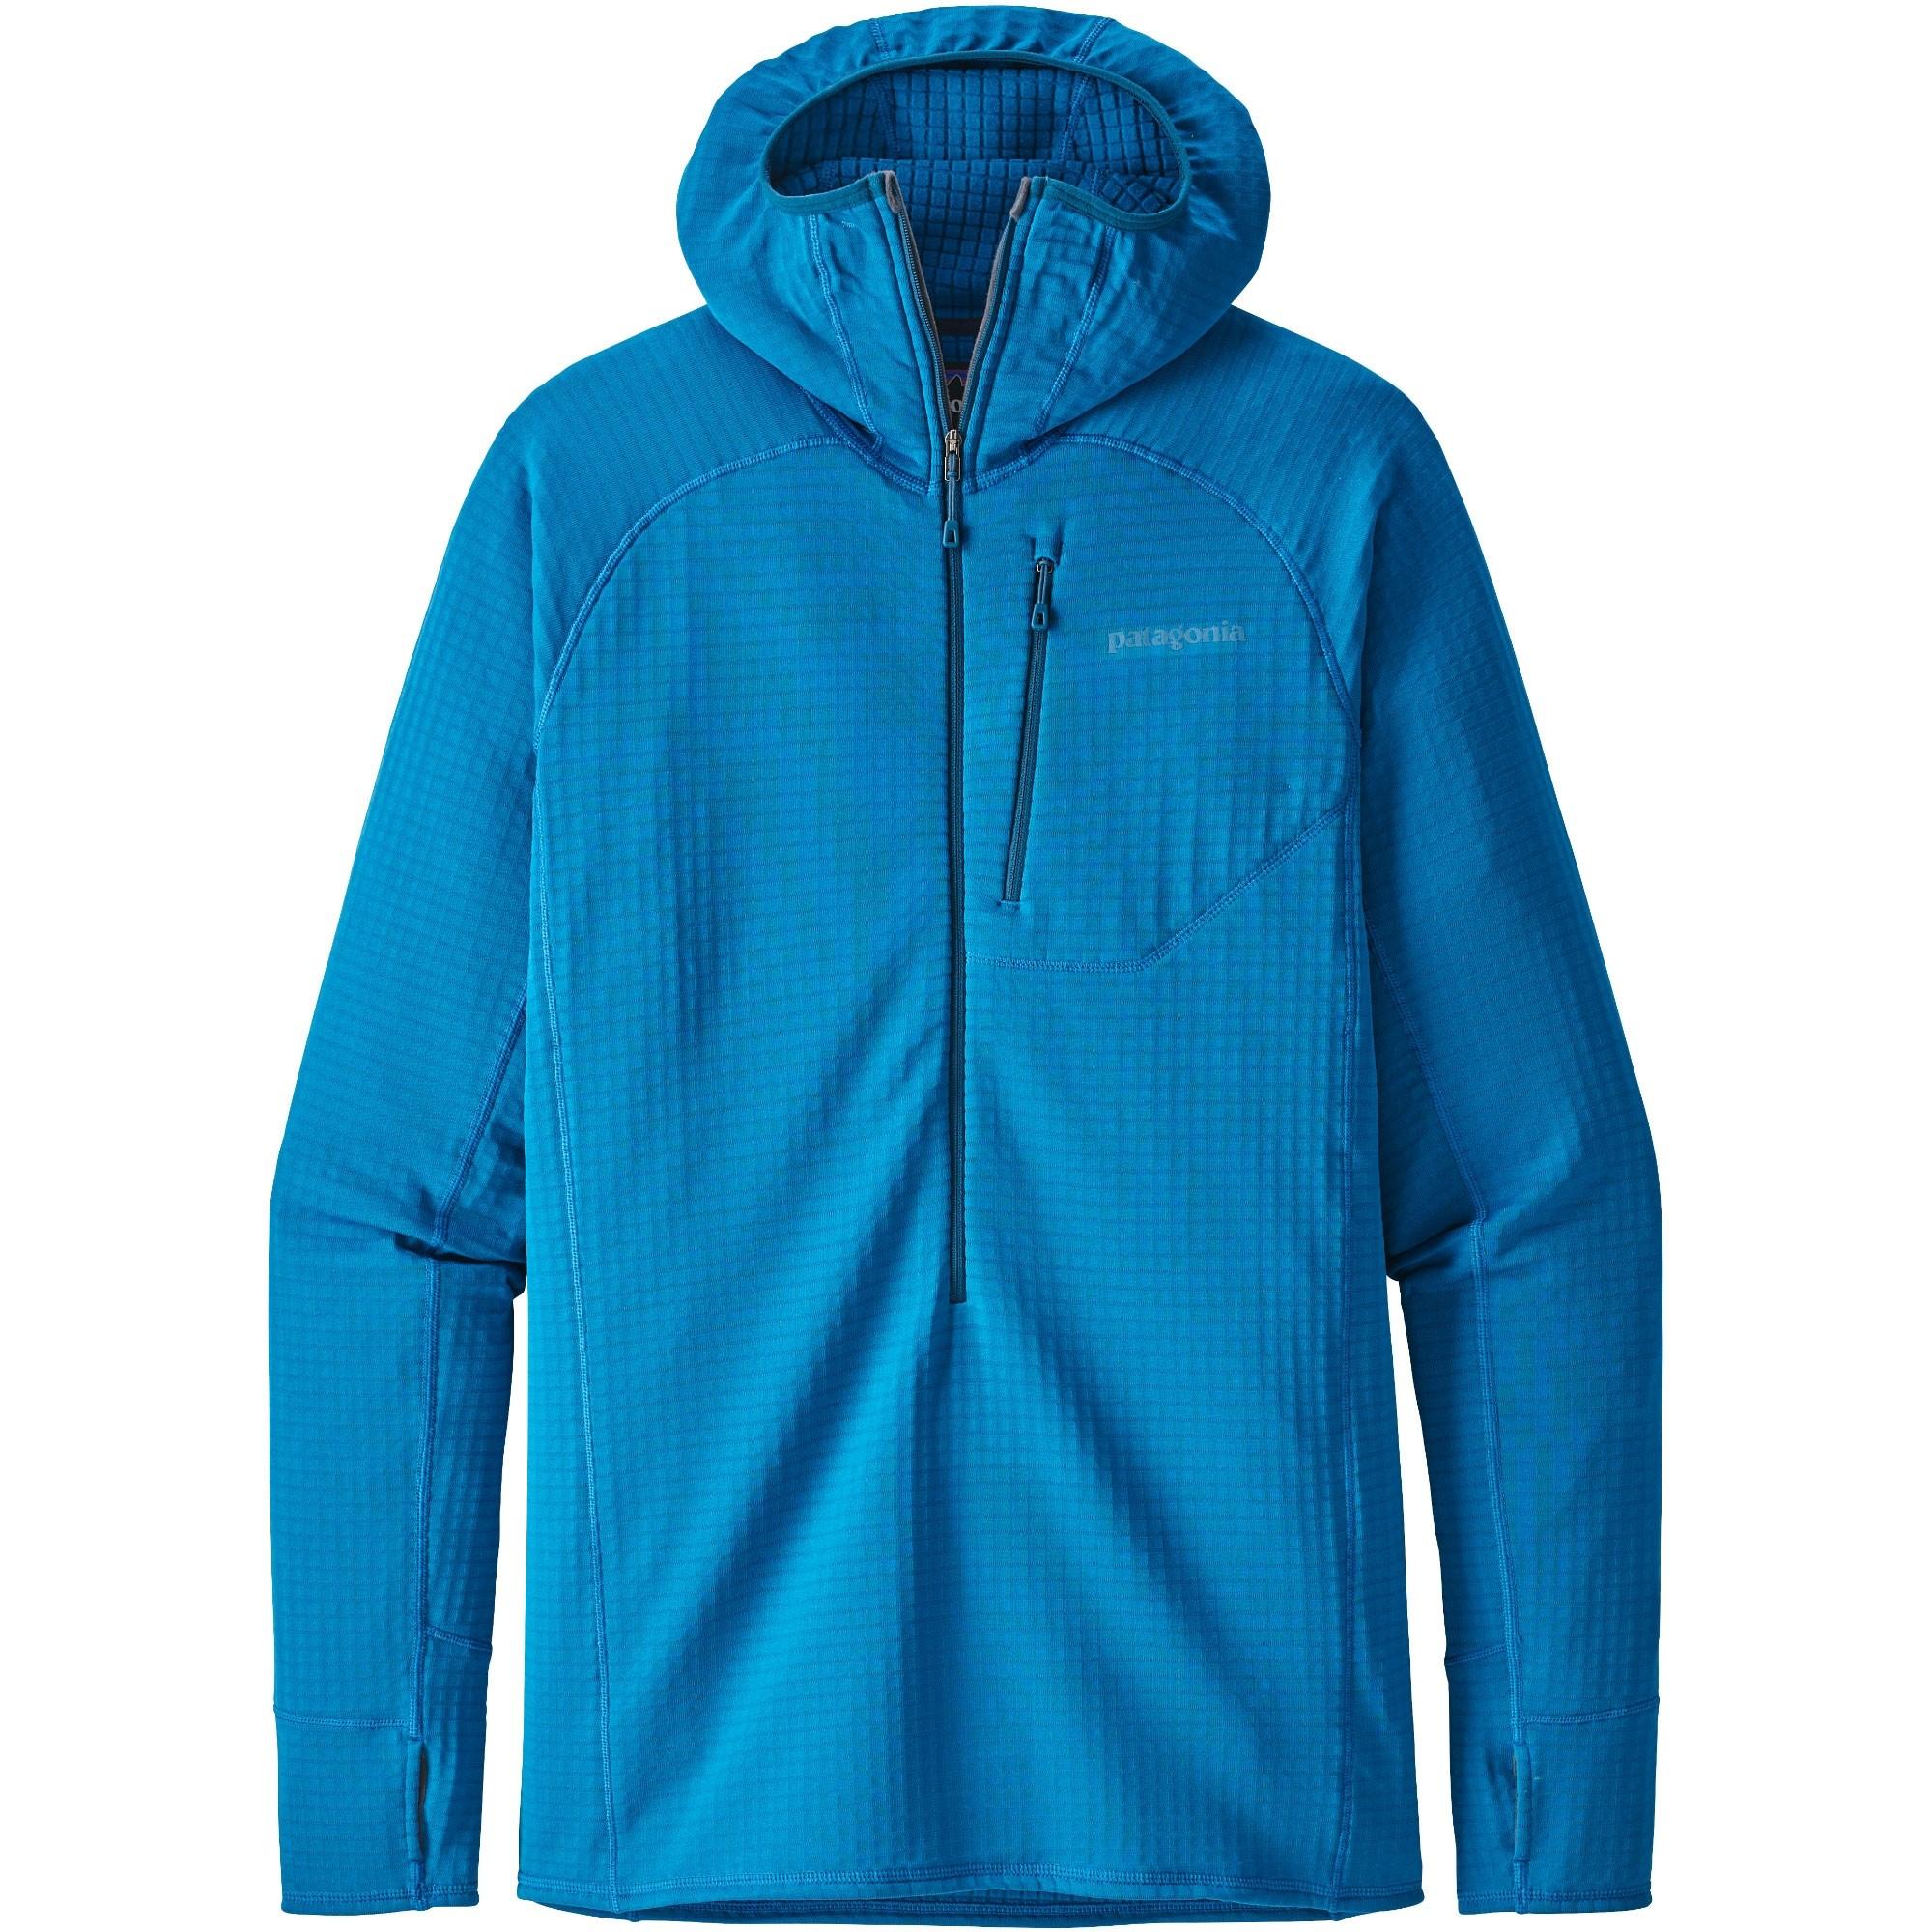 Patagonia R1 Men's Hoody - Balkan Blue